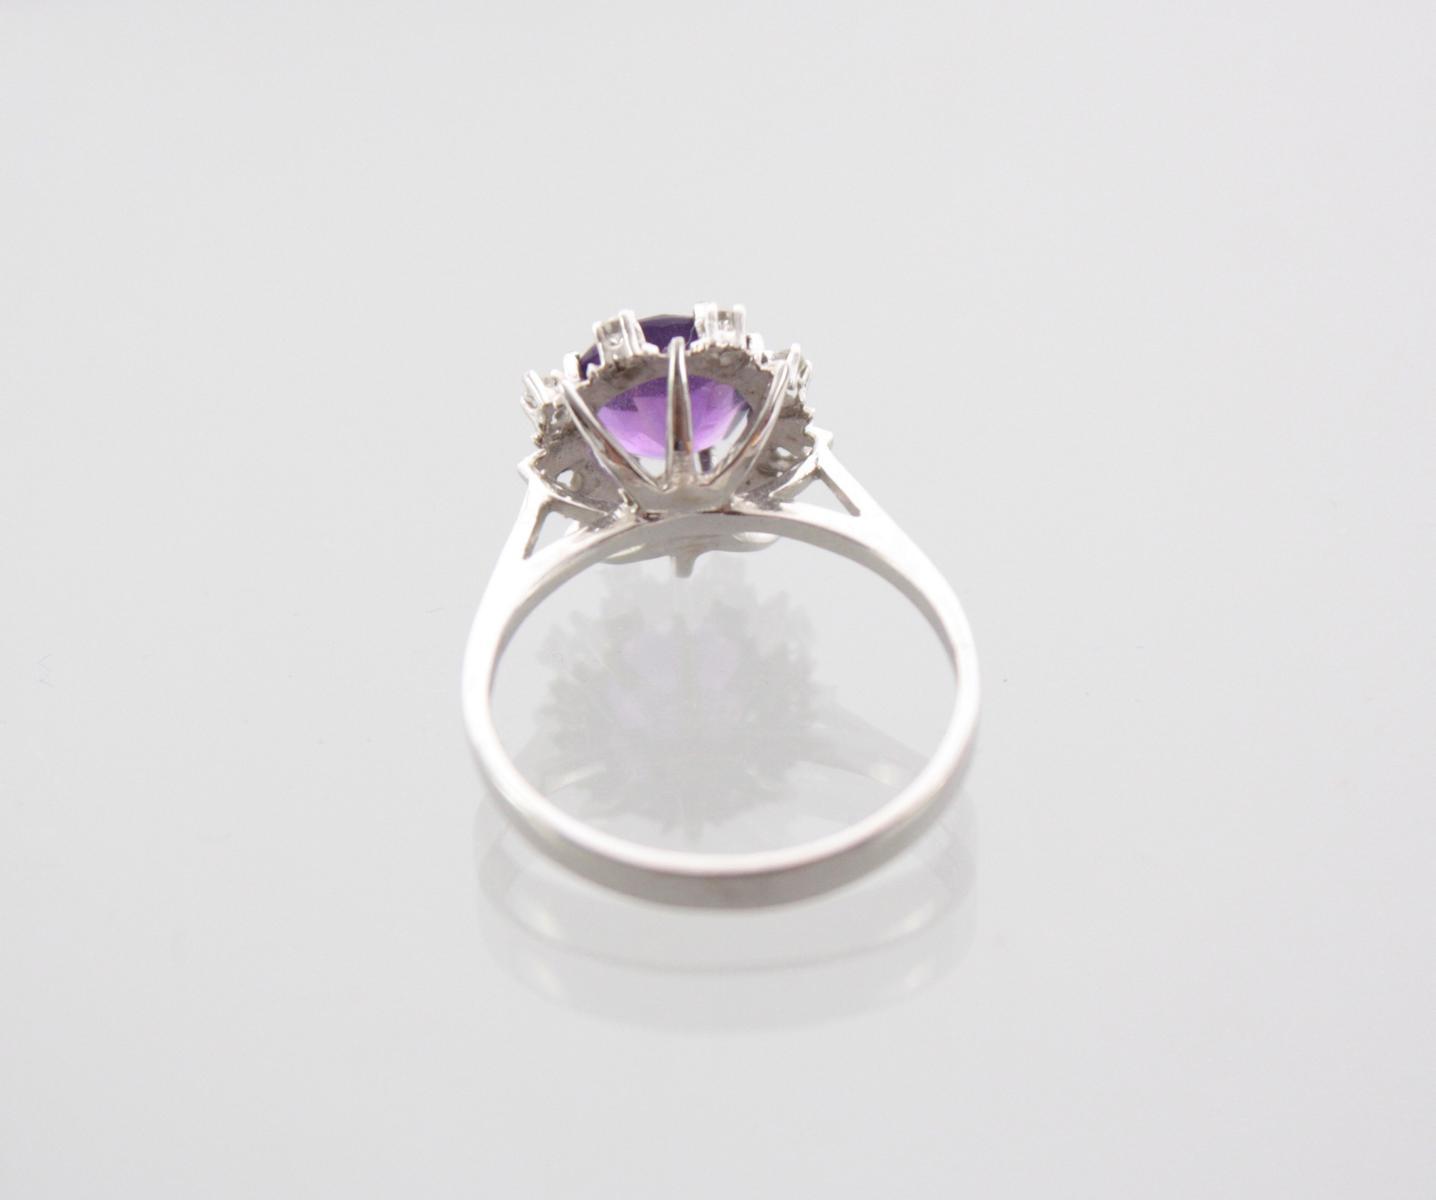 Damenring mit facettiertem Amethyst und Diamanten, 14 Karat Weißgold-3